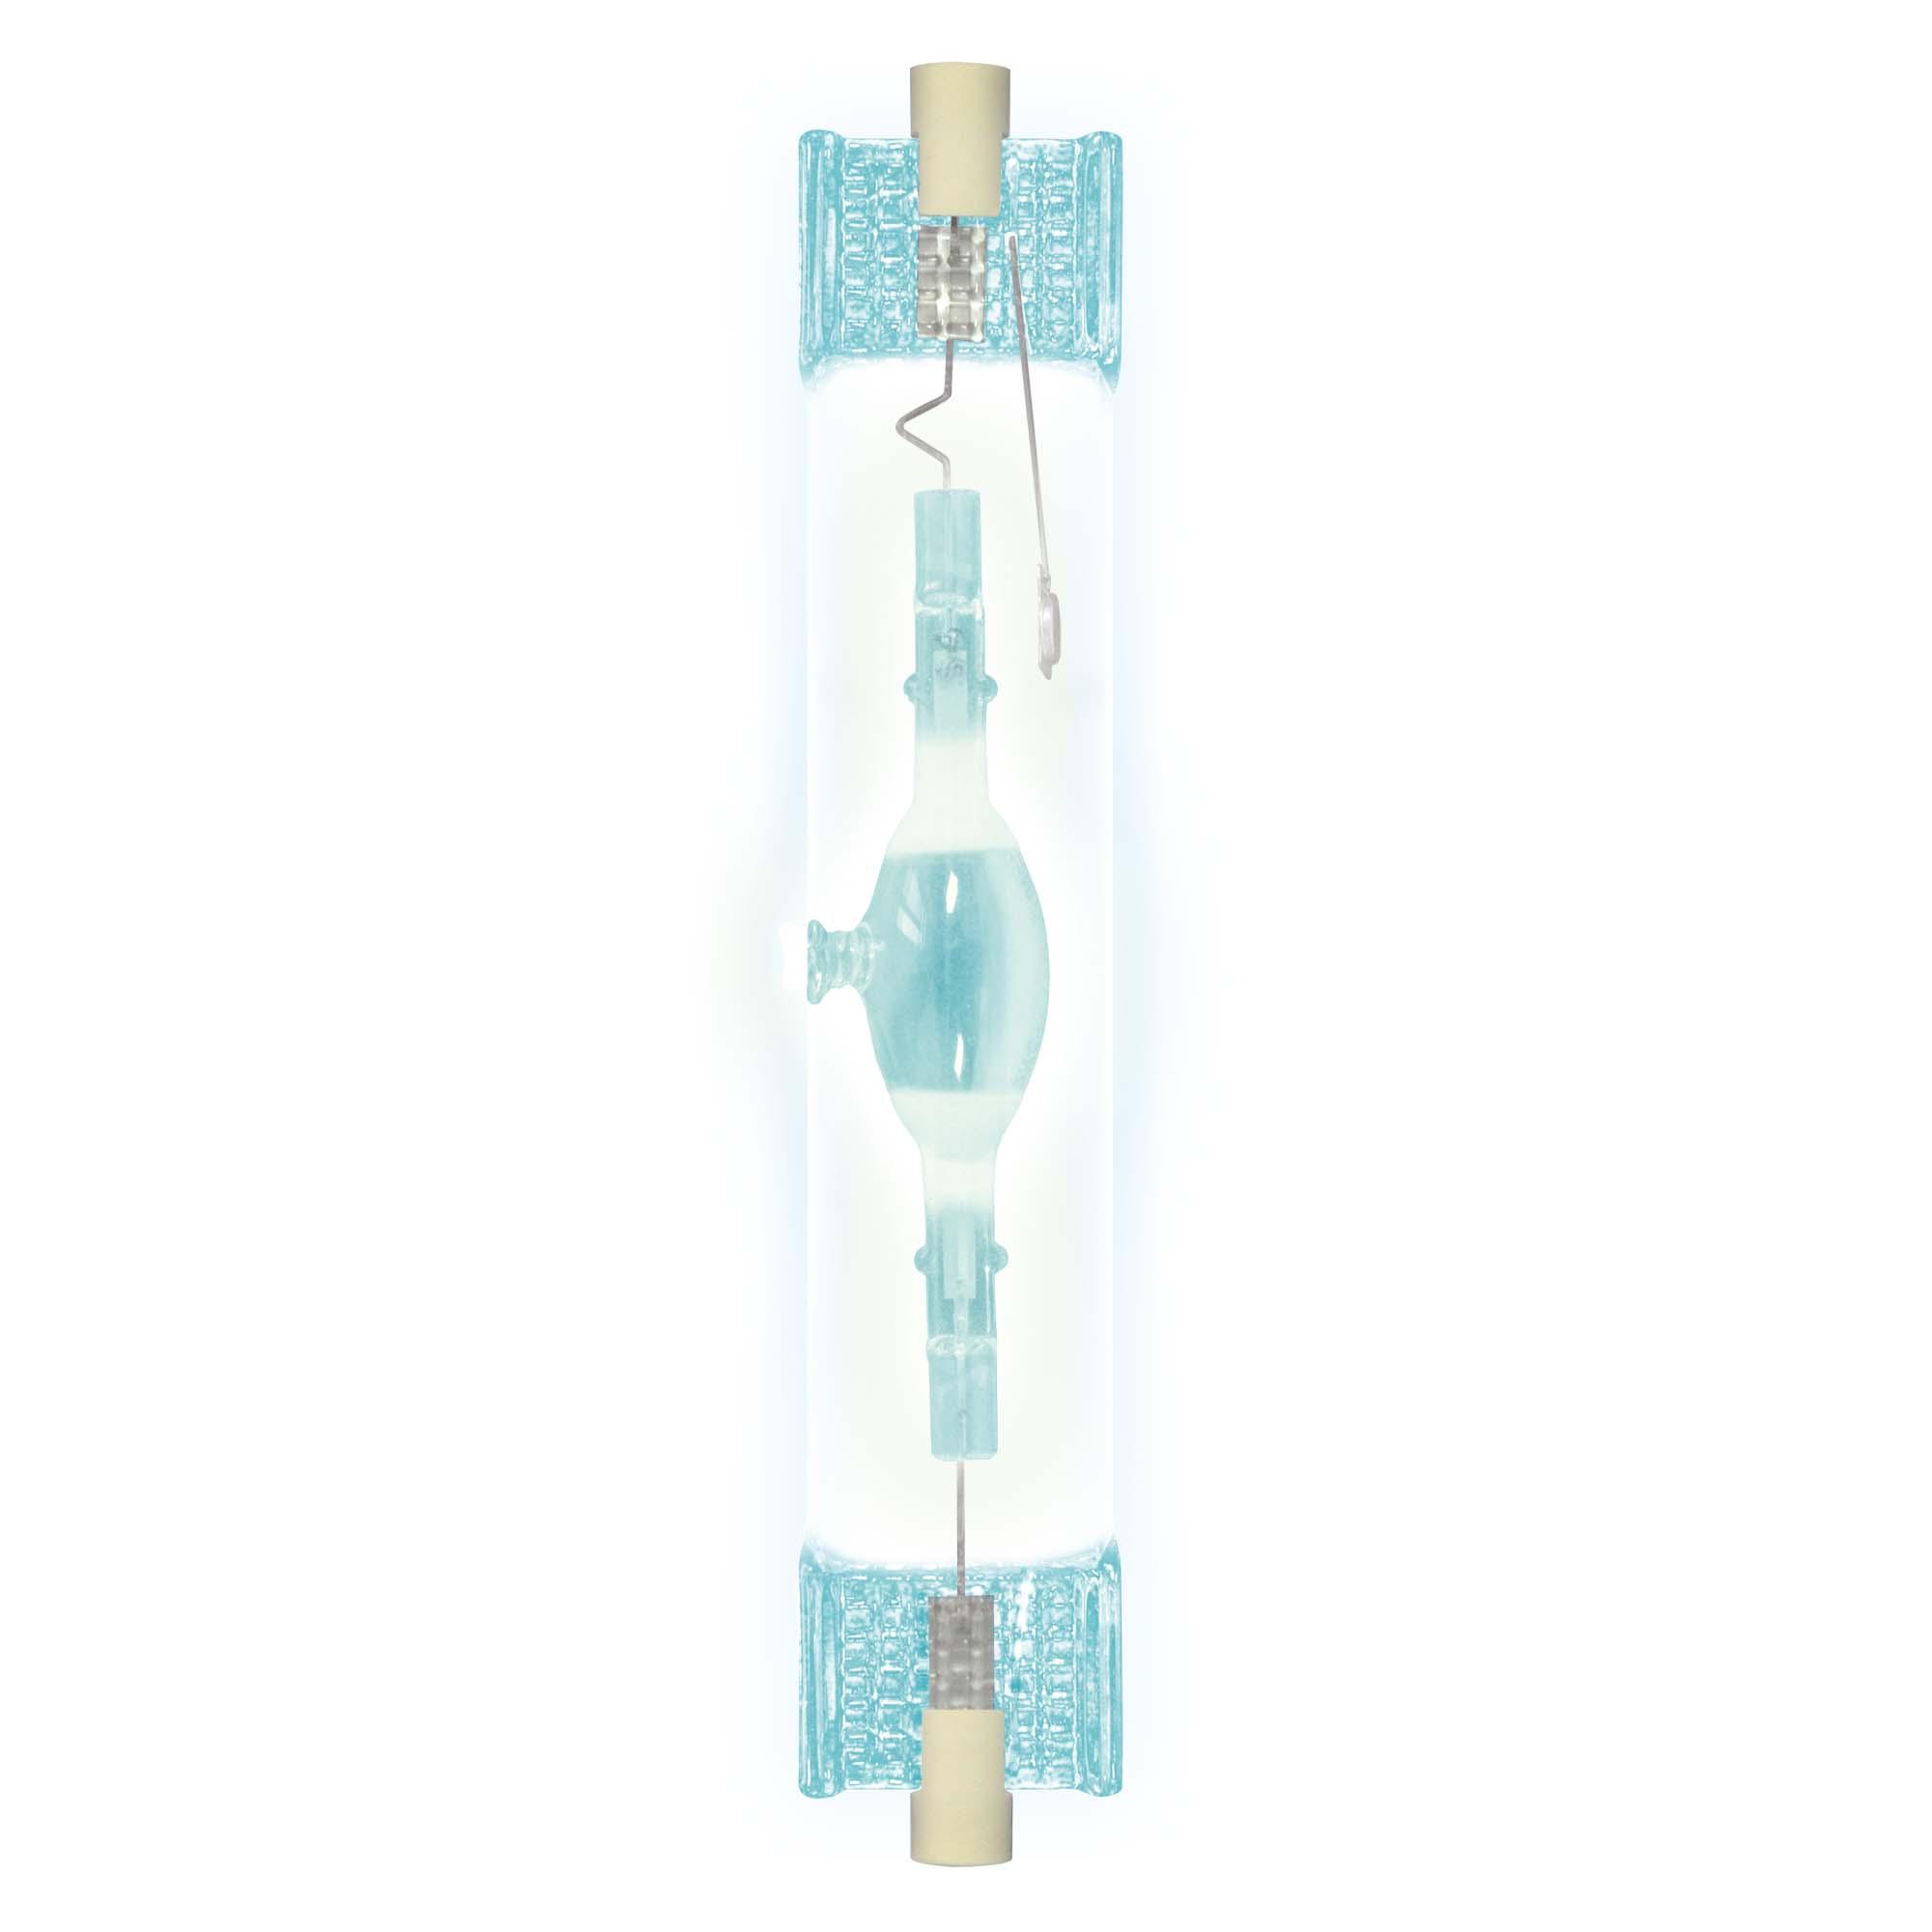 Лампа газоразрядная Uniel Mh-de-150/green/r7s 24шт